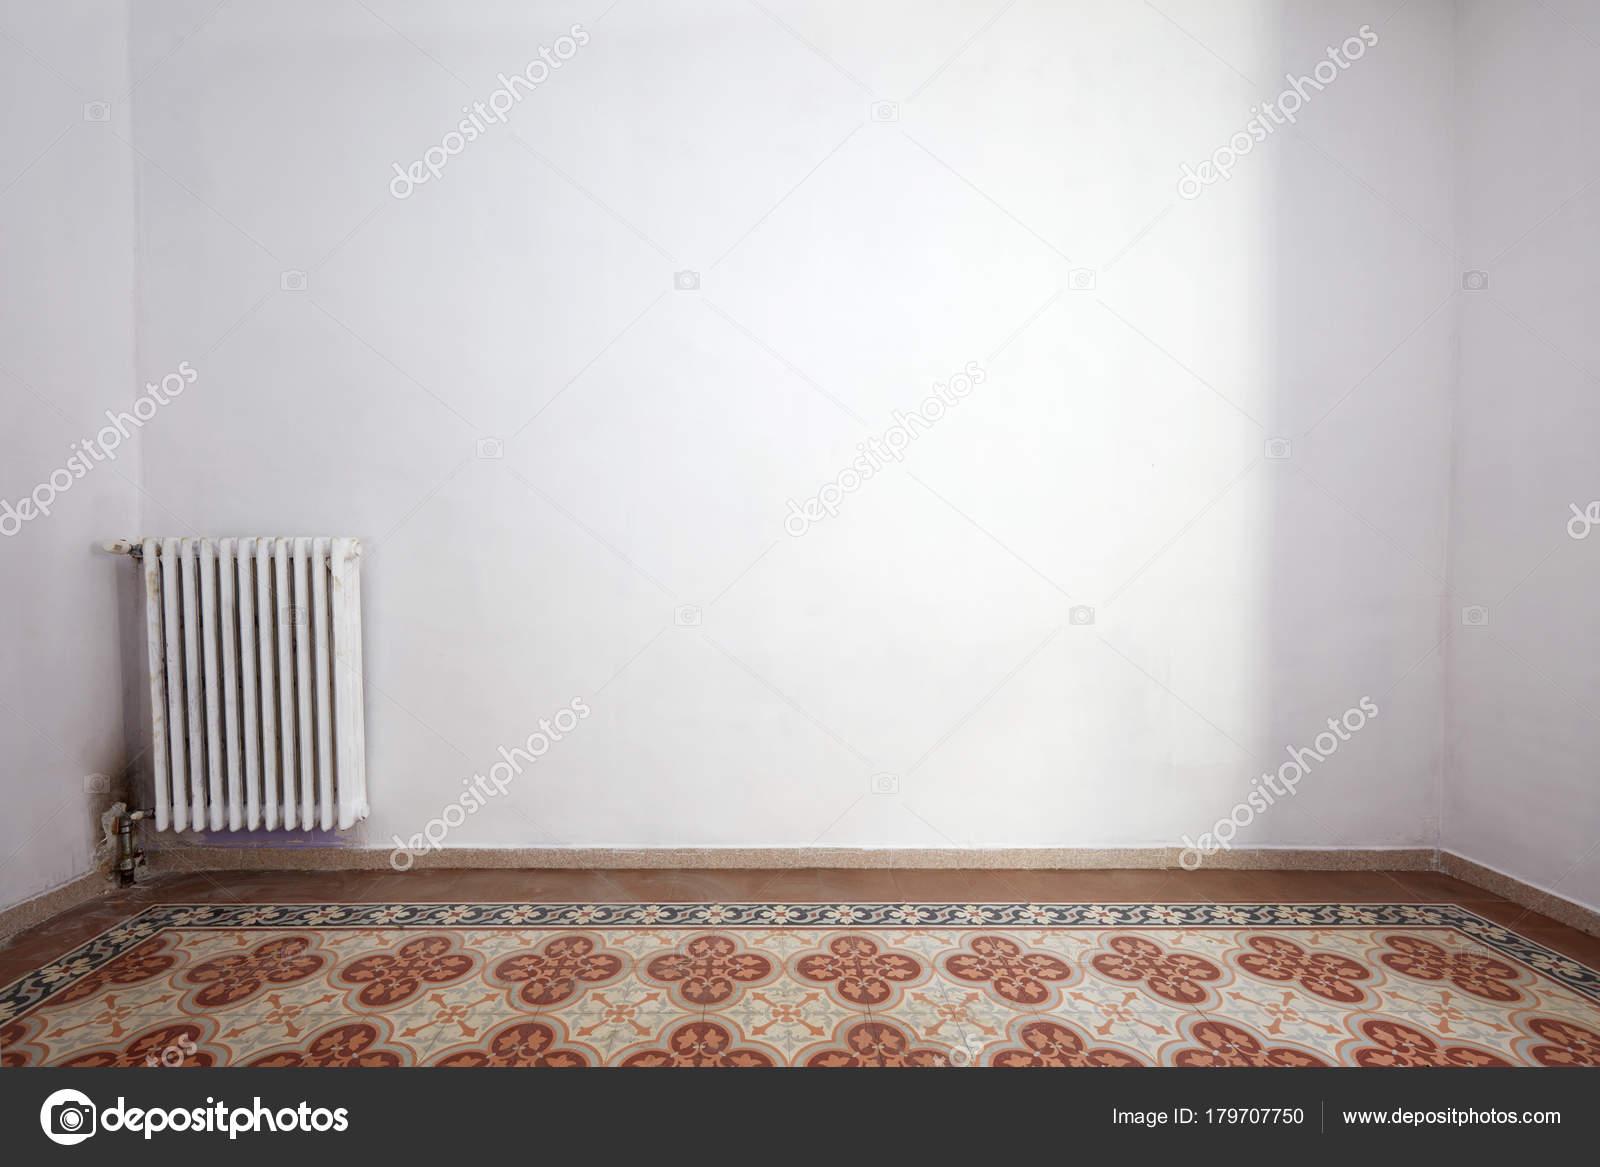 Interiore vuoto della stanza con pavimento piastrelle decorata